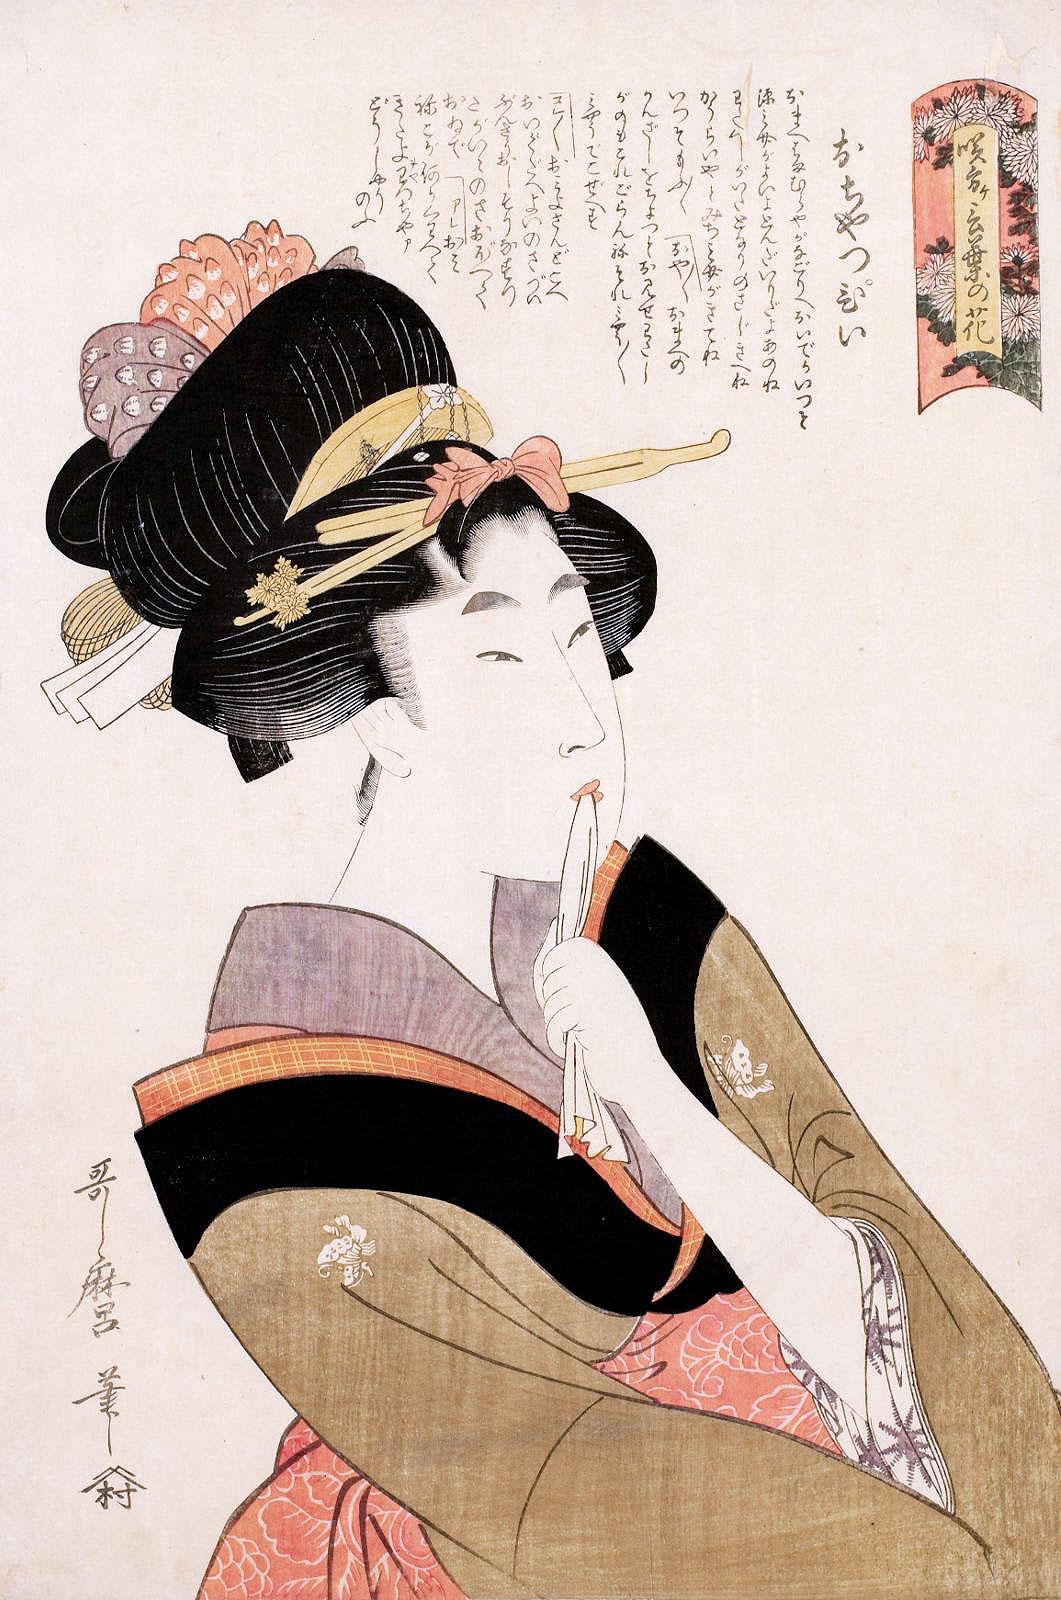 Hokusai a milano le immagini del mondo fluttuante a for Disegni tradizionali giapponesi